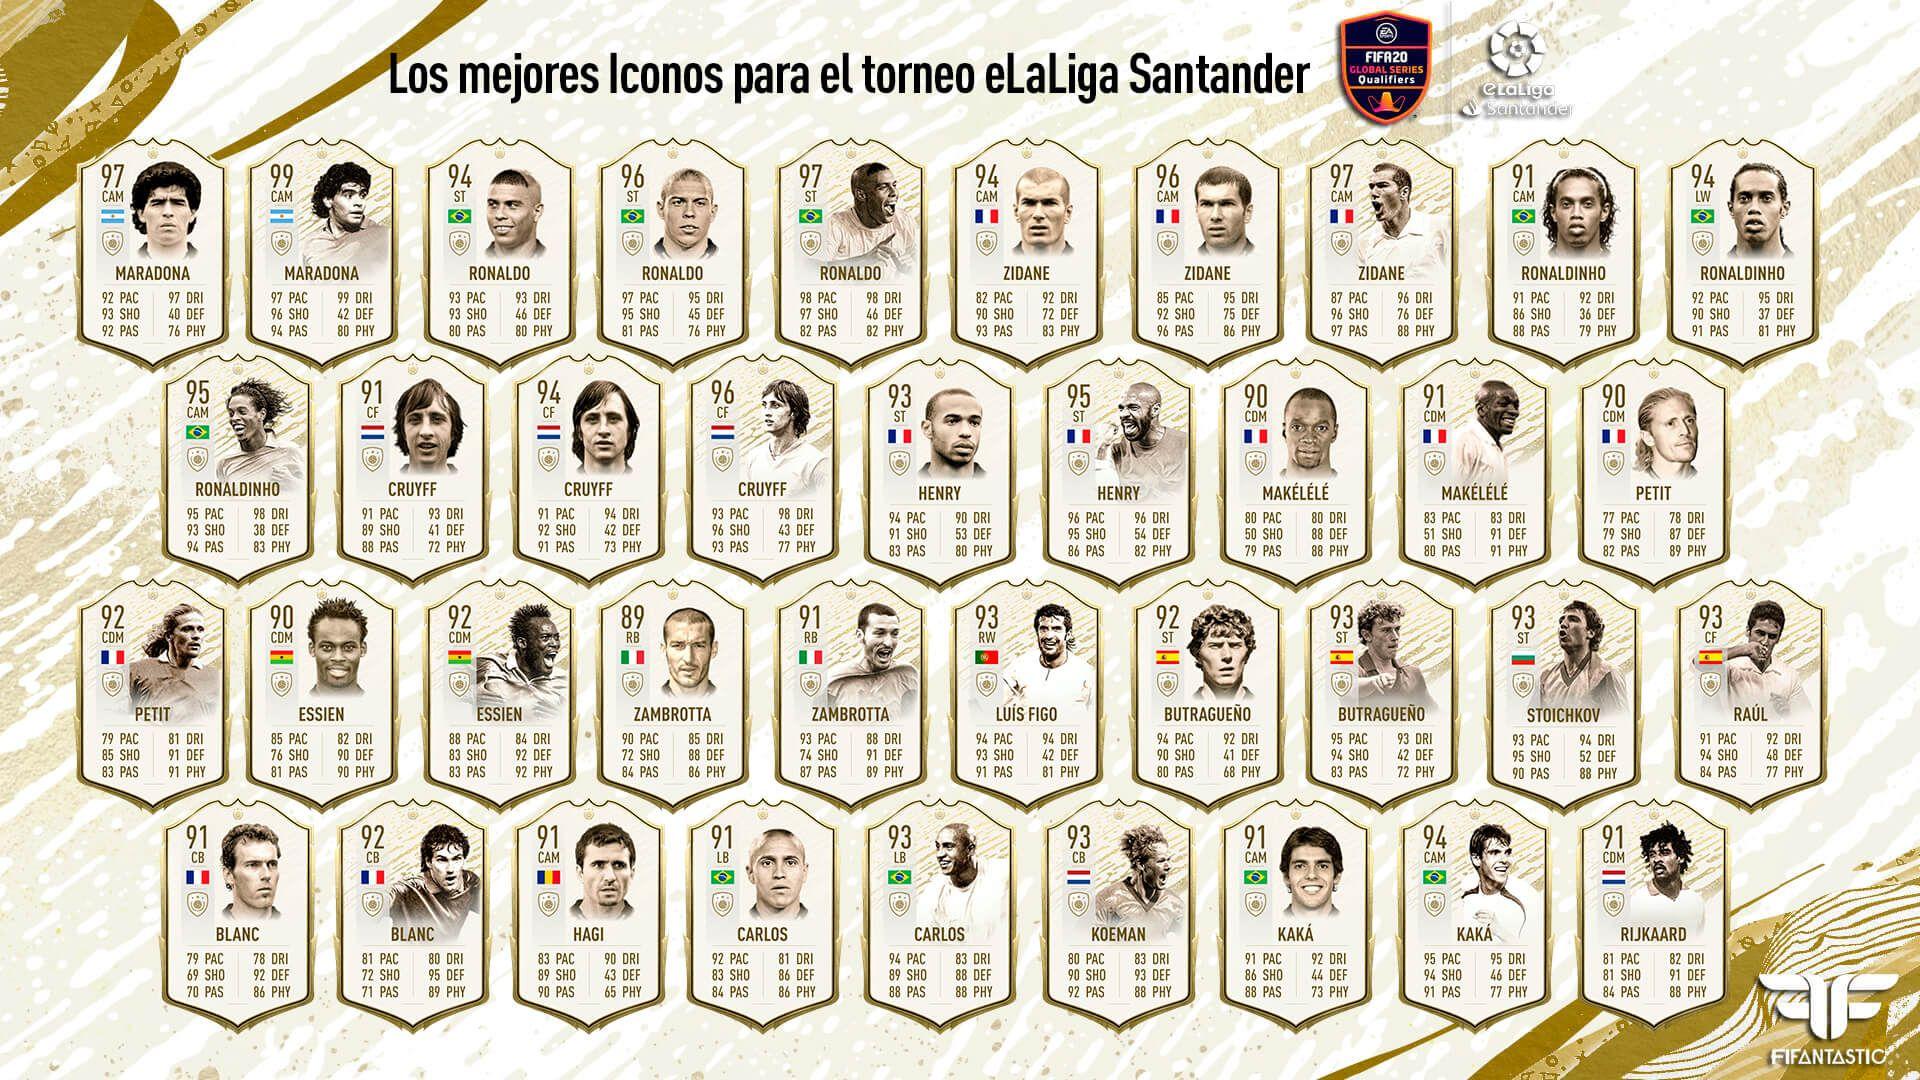 Los mejores Iconos para el torneo de eLaLiga Santander de FIFA 20